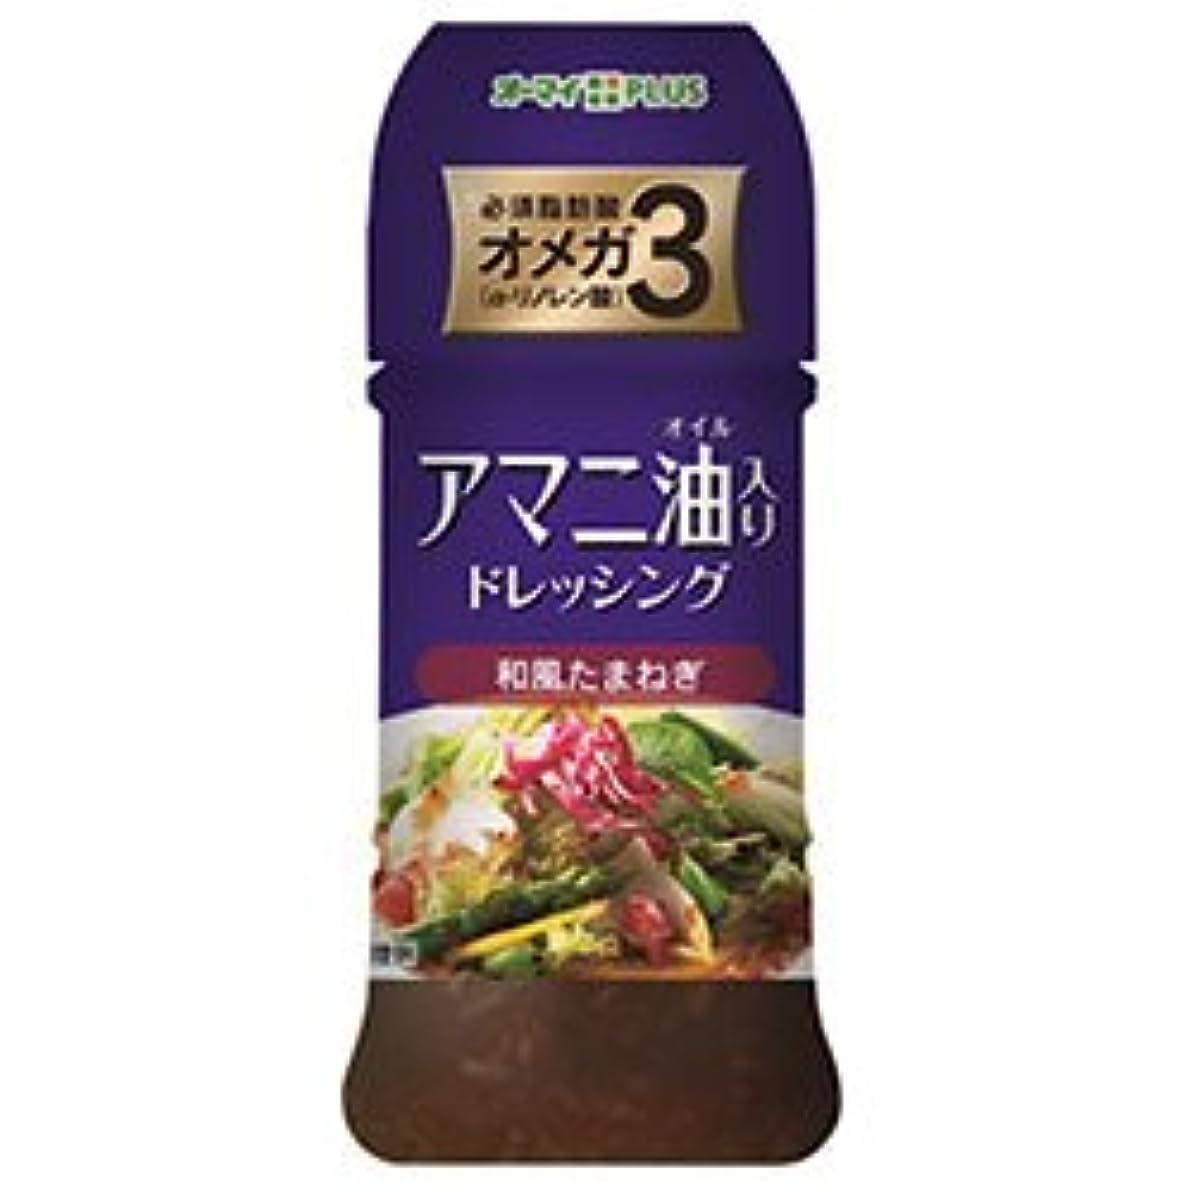 水っぽい性交キャプチャー日本製粉 オーマイプラス アマニ油入りドレッシング 和風たまねぎ 150ml×12本入×(2ケース)